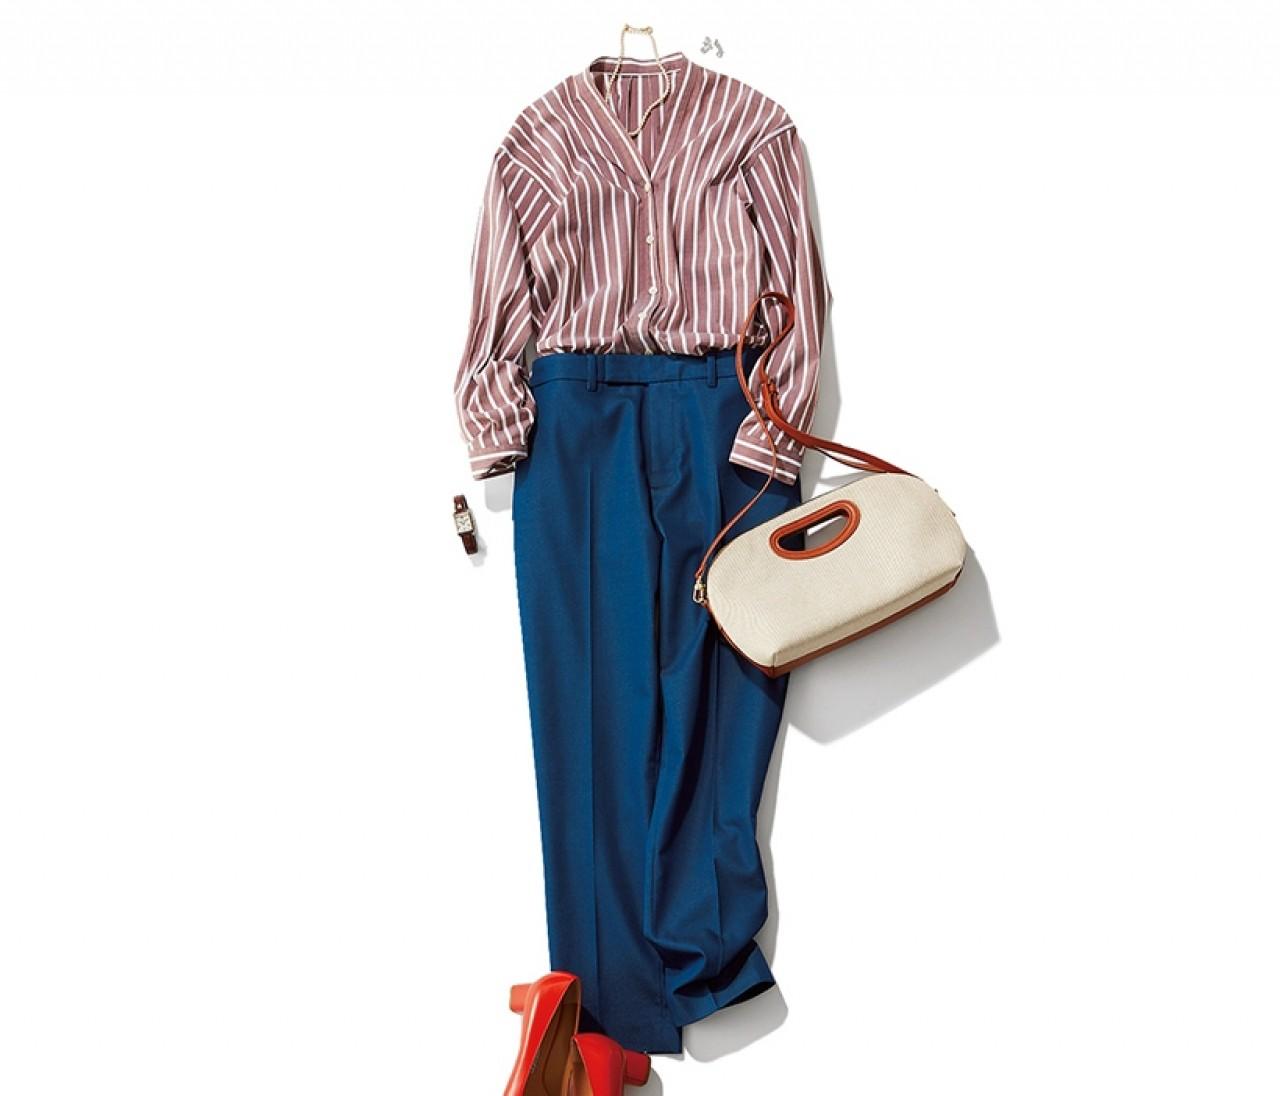 高級ディナーに行く日は、イイ女に見えるストライプシャツスタイル!【2019/6/8のコーデ】